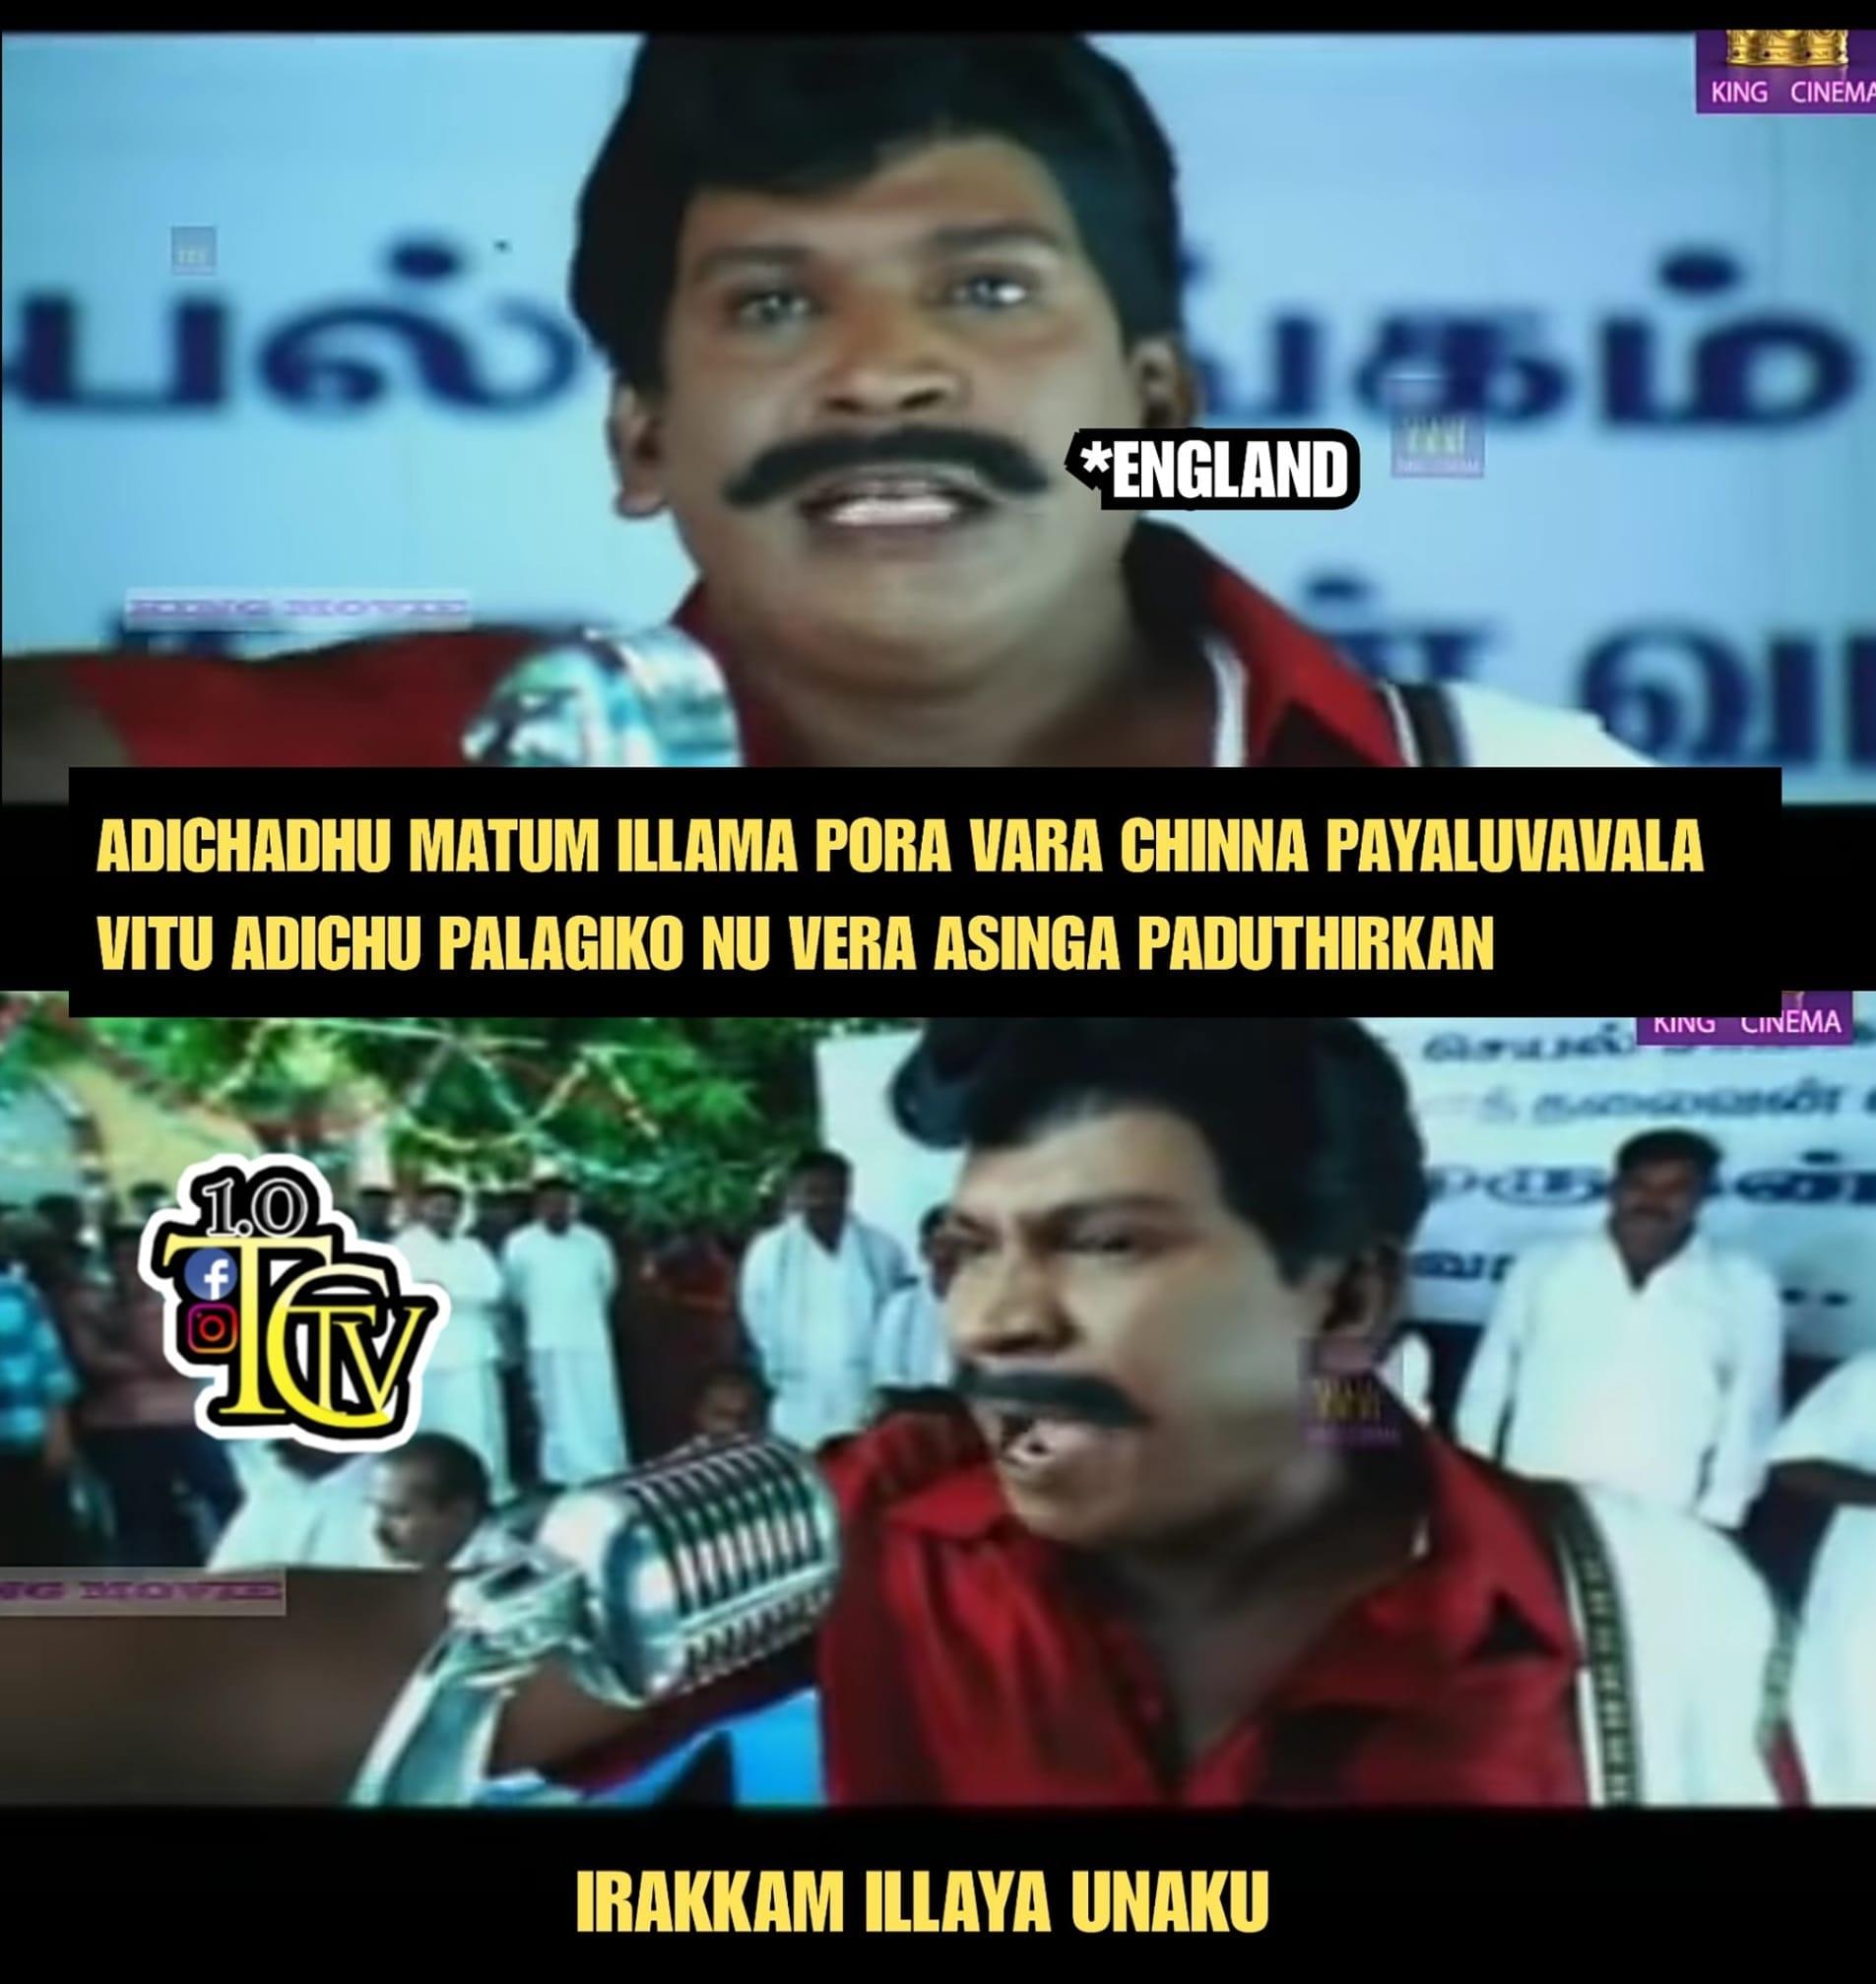 India vs Enland | இணையத்தில் வைரலாகும் சென்னை டெஸ்ட் போட்டி மீம்ஸ்